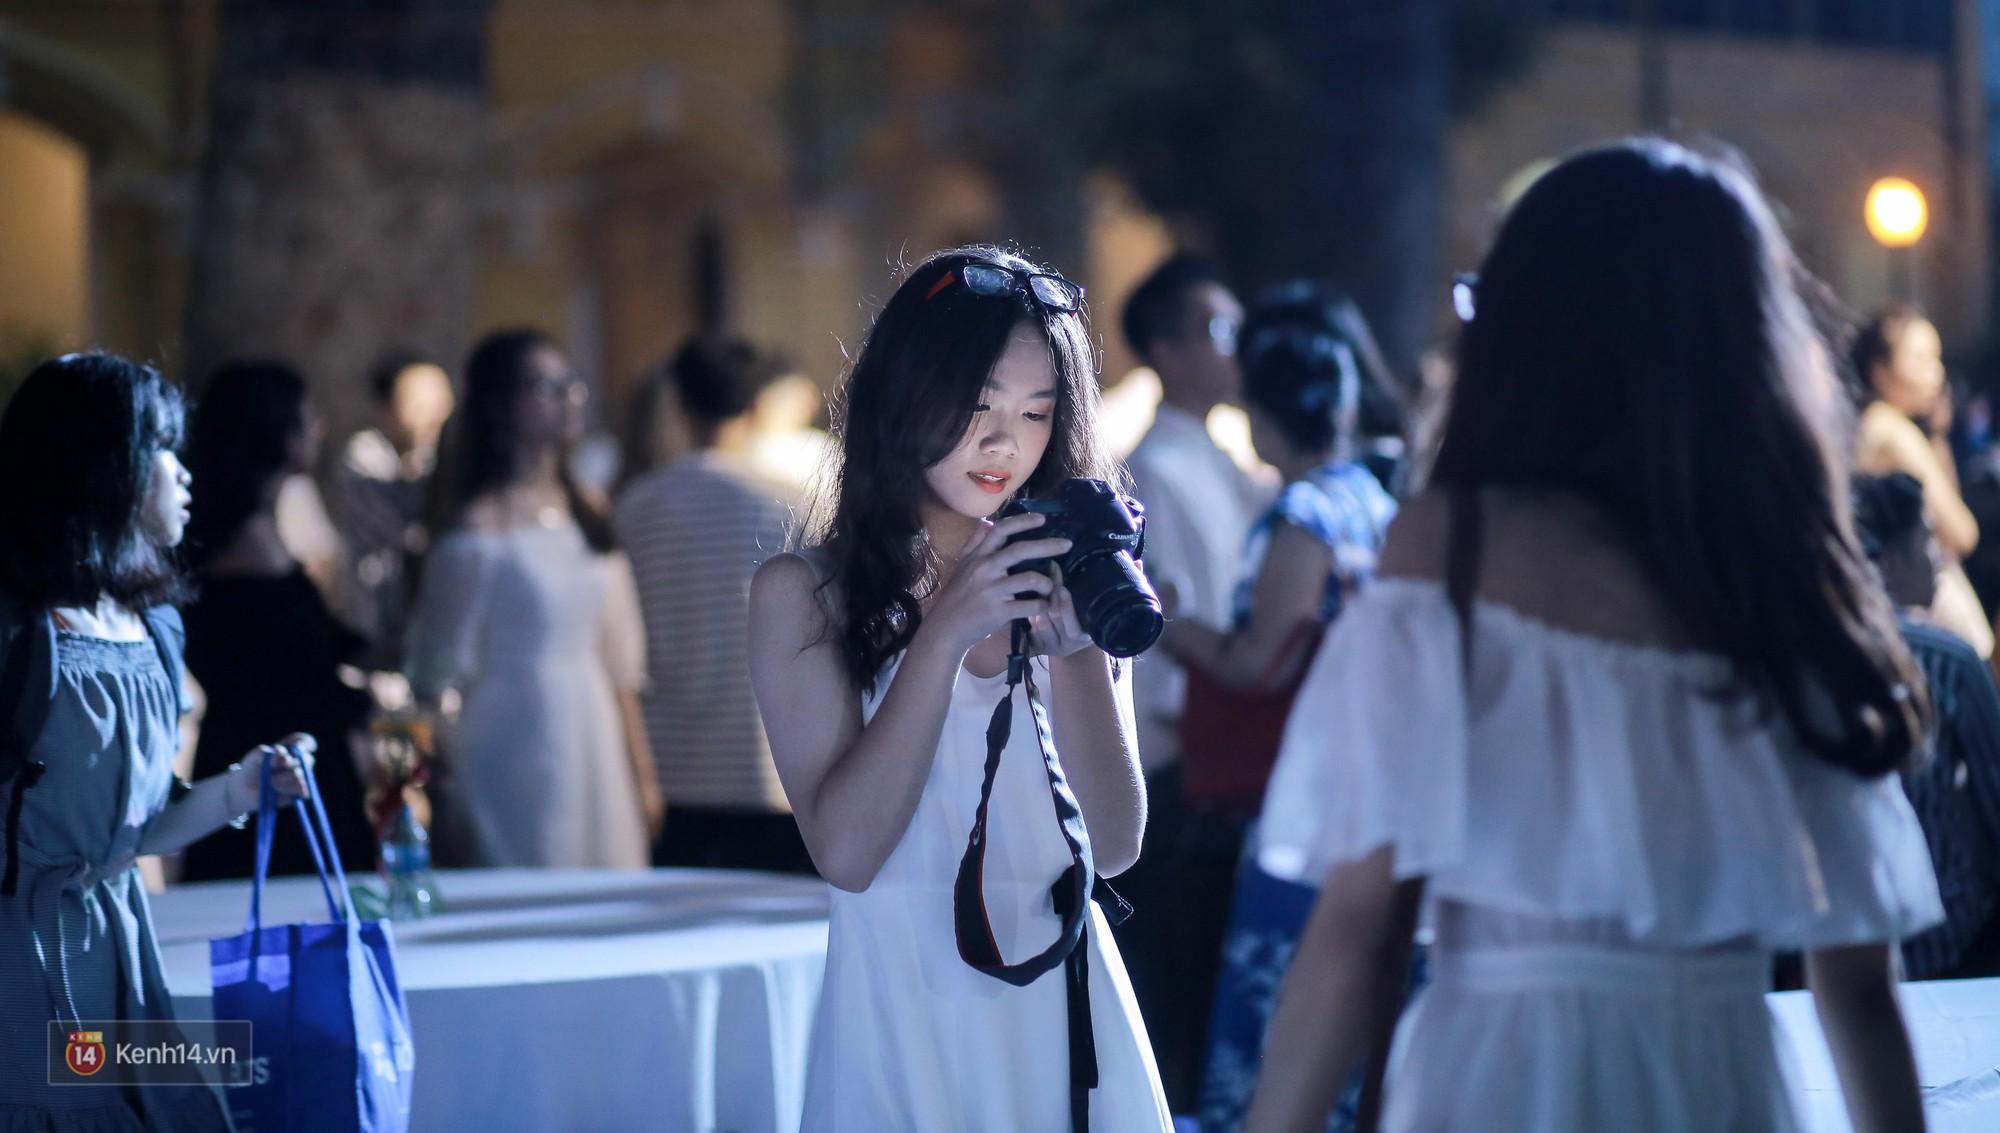 Nữ sinh Chu Văn An xinh ngẩn ngơ trong đêm tri ân/ trưởng thành - Ảnh 4.